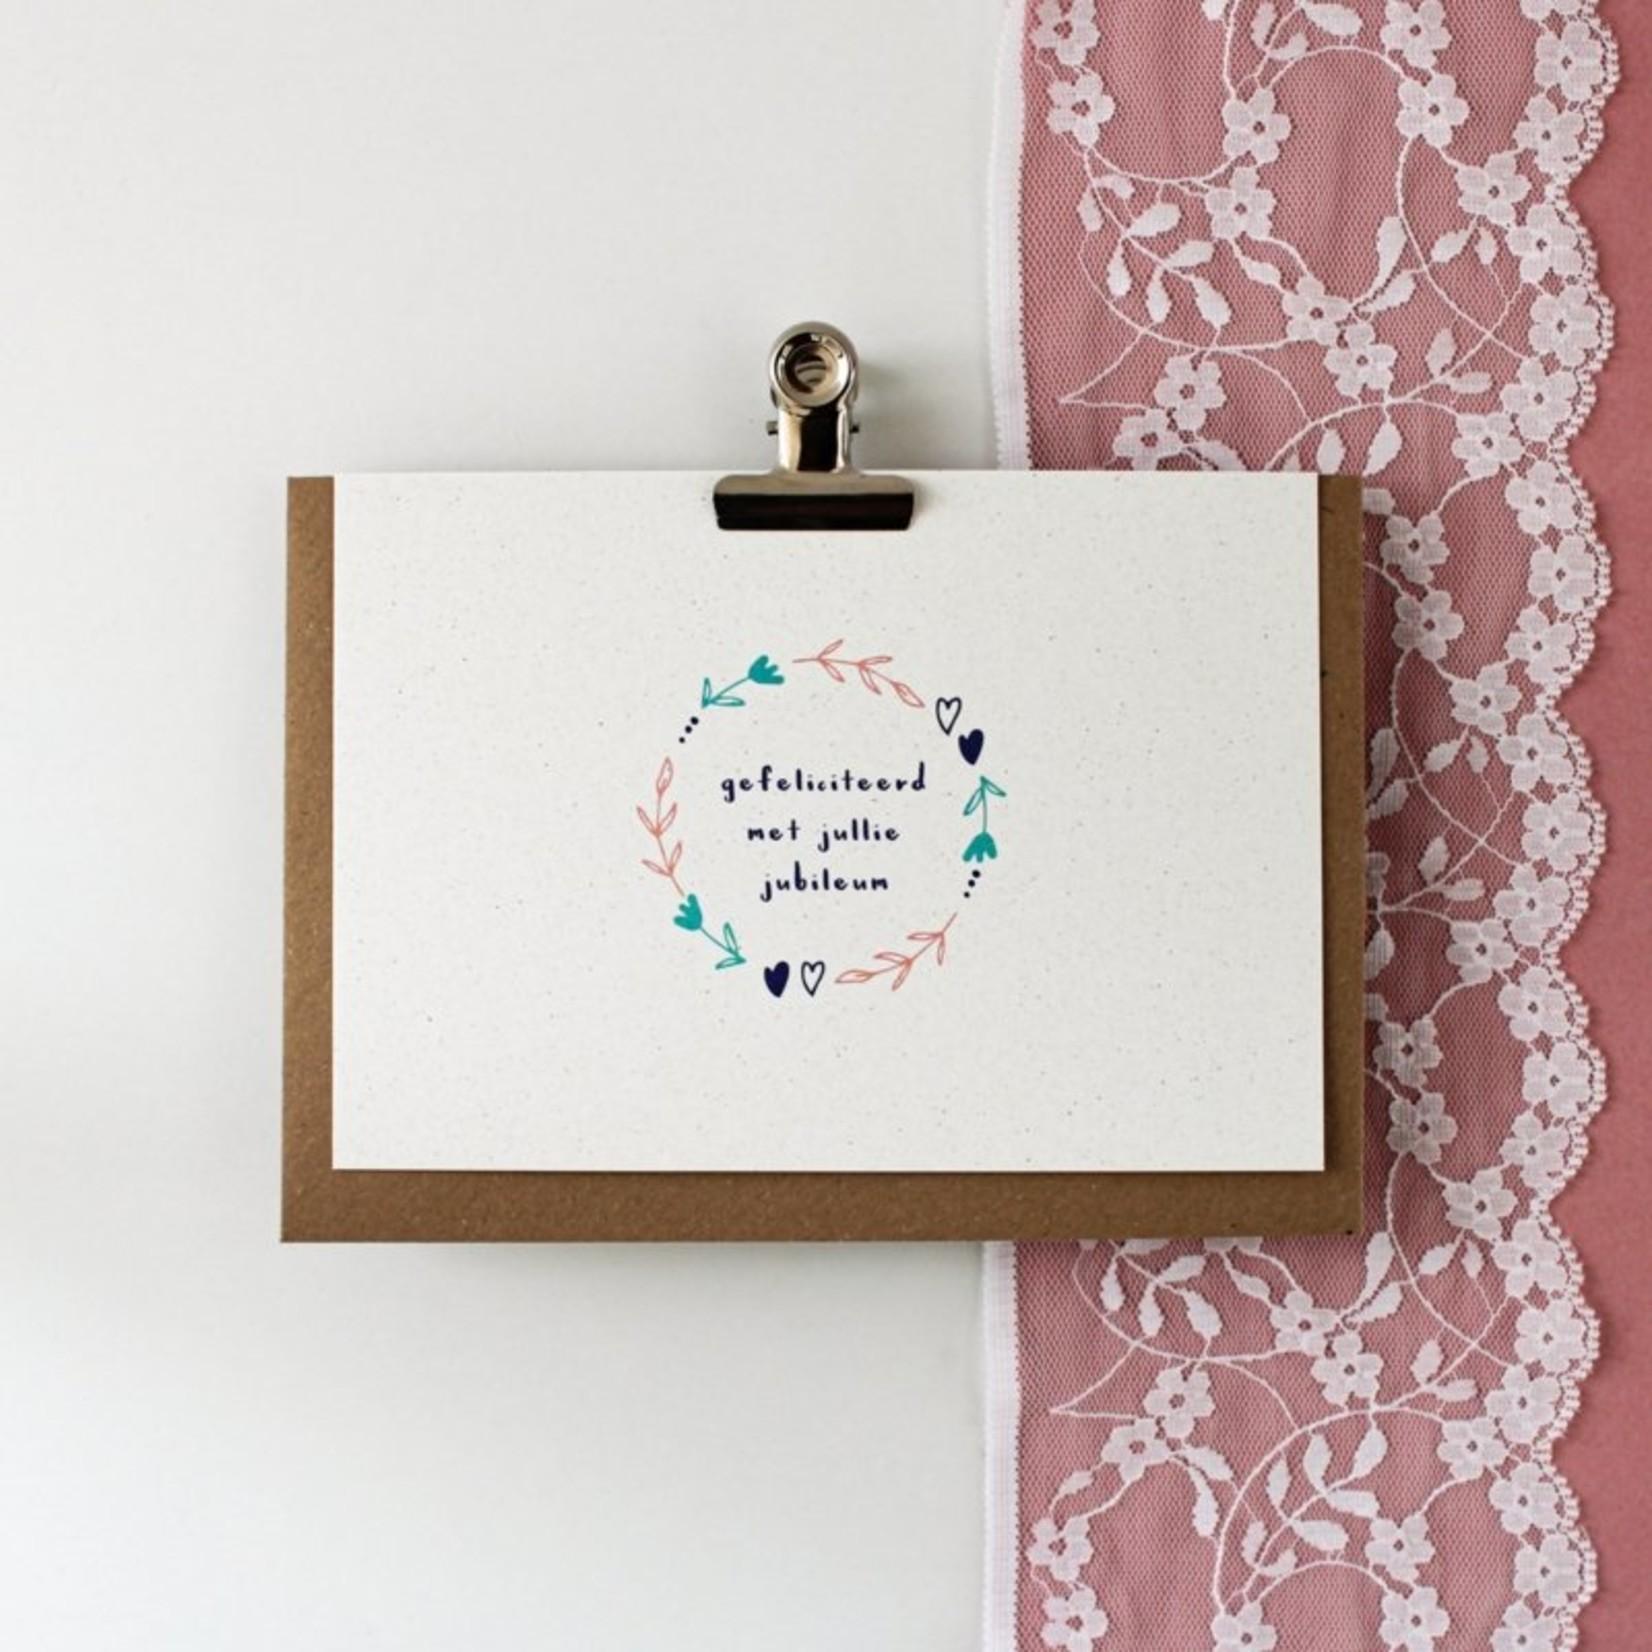 Postkaart - Gefeliciteerd met jullie jubileum